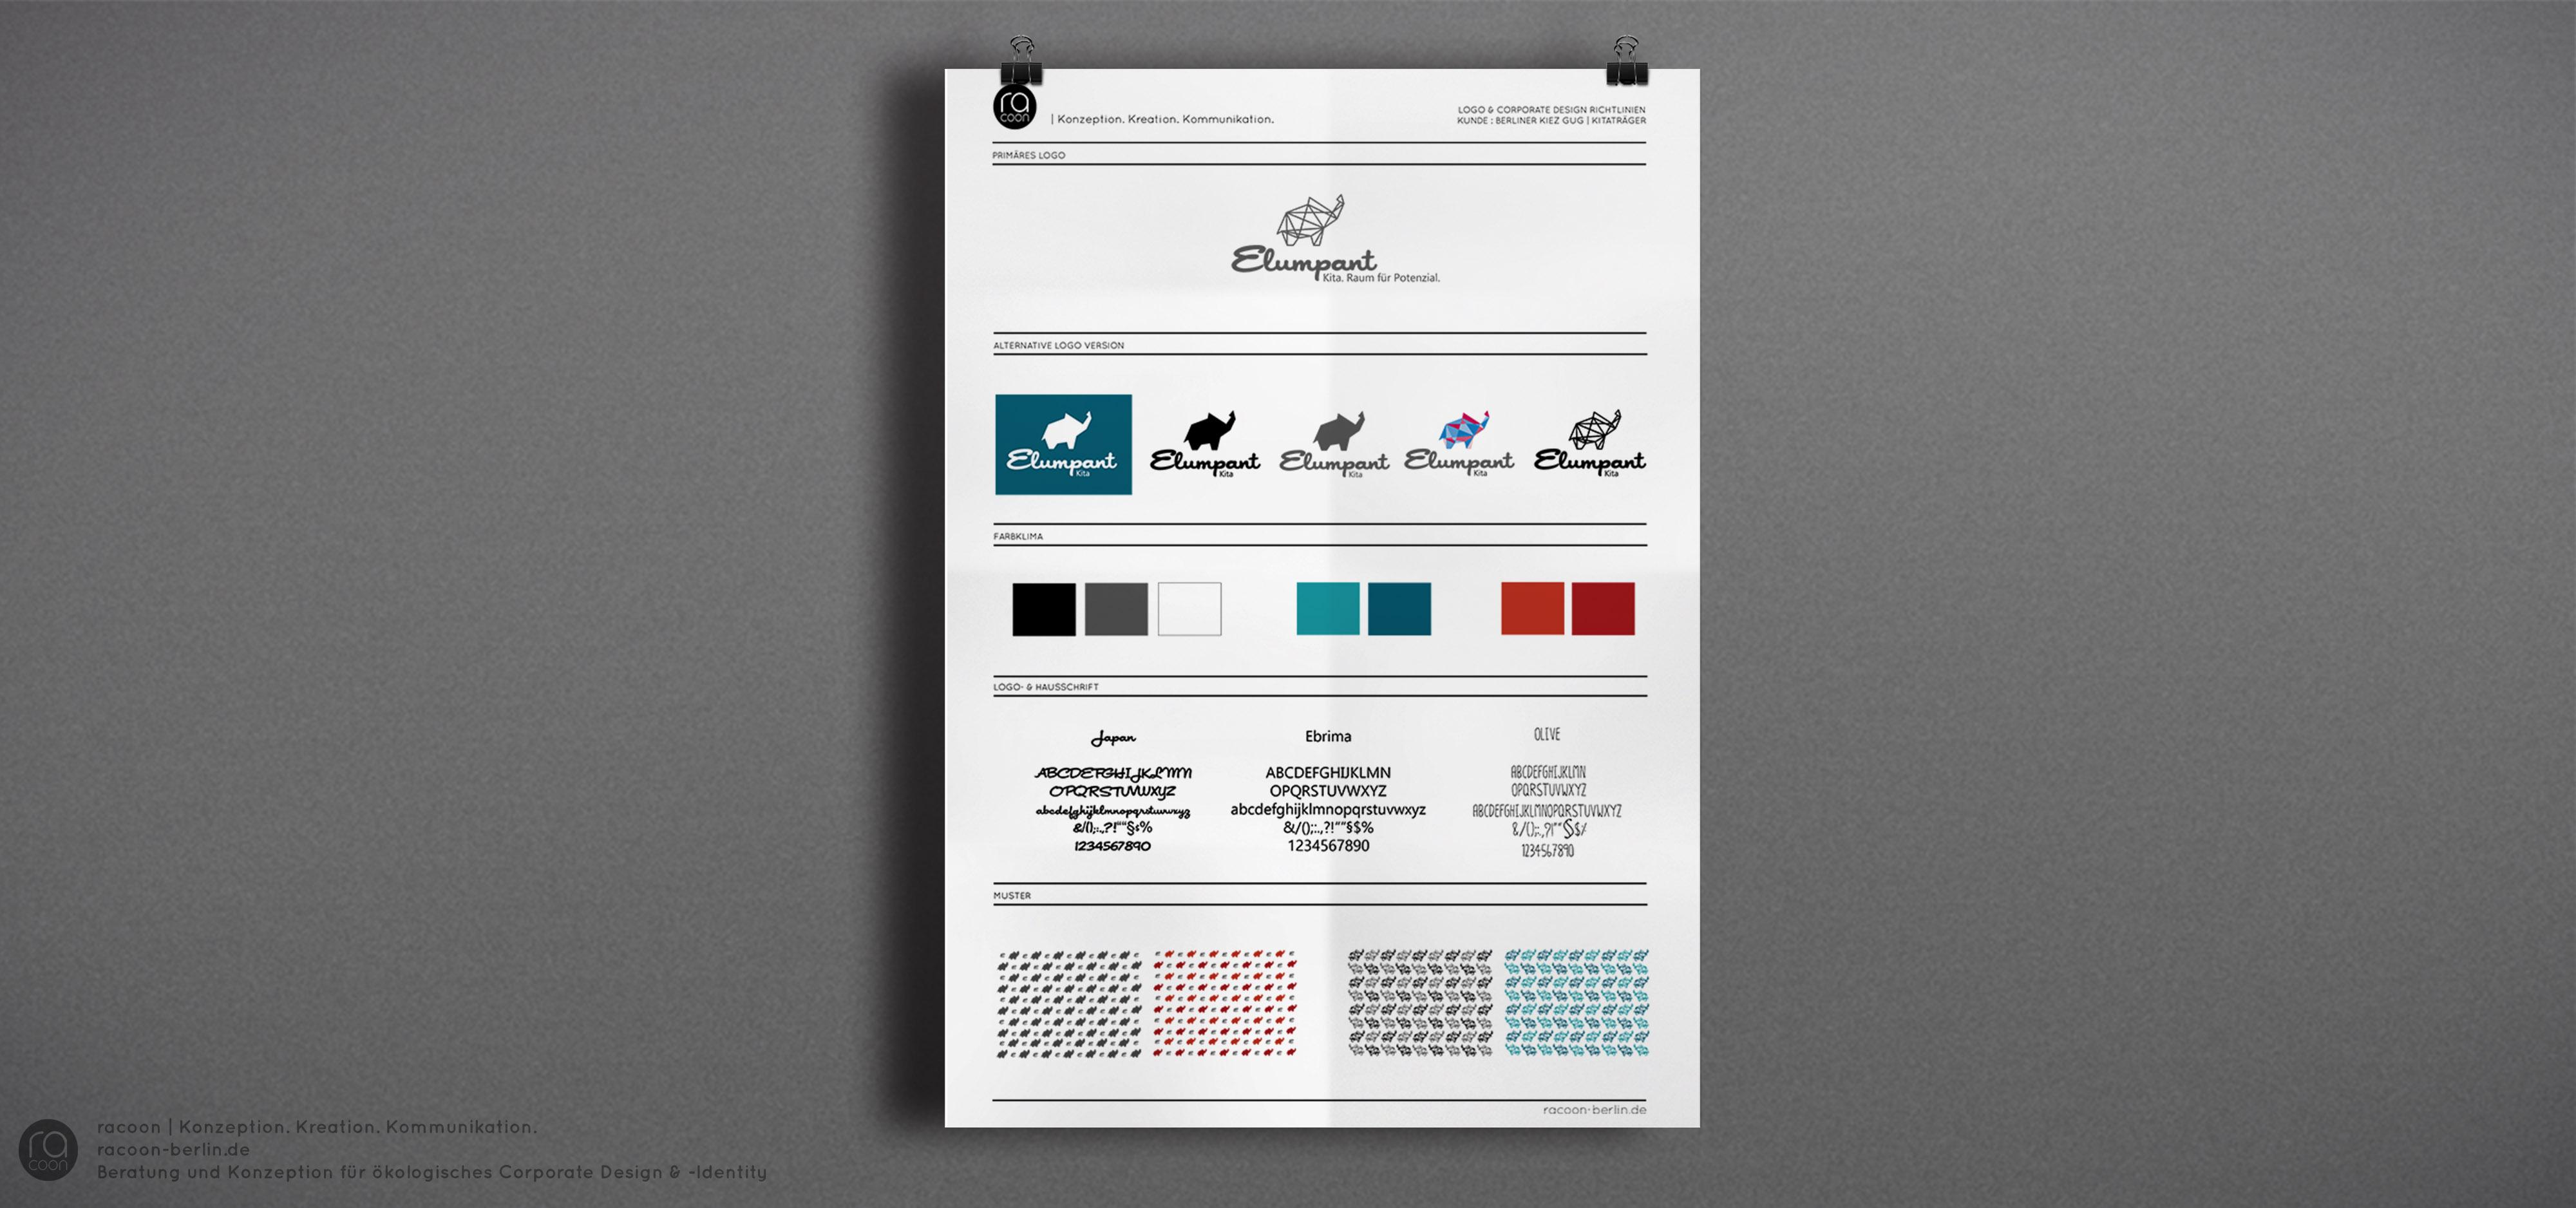 Entwicklung Erscheinungsbild (Corporate Identity & -Design) für Kita, Stylsheet